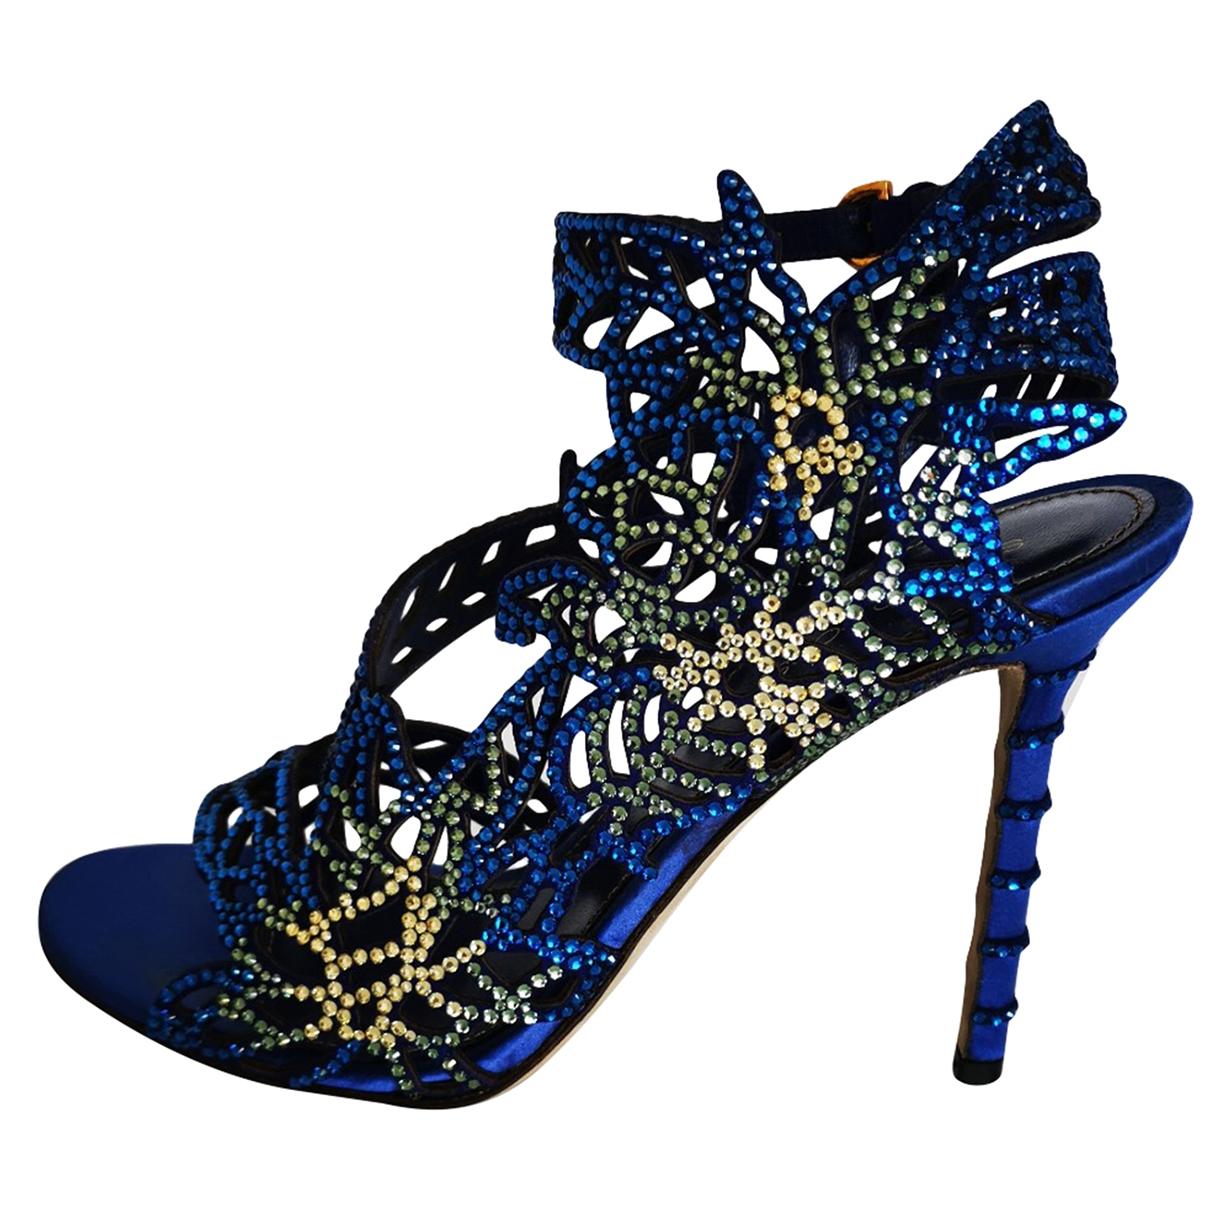 Sergio Rossi - Sandales   pour femme en a paillettes - bleu